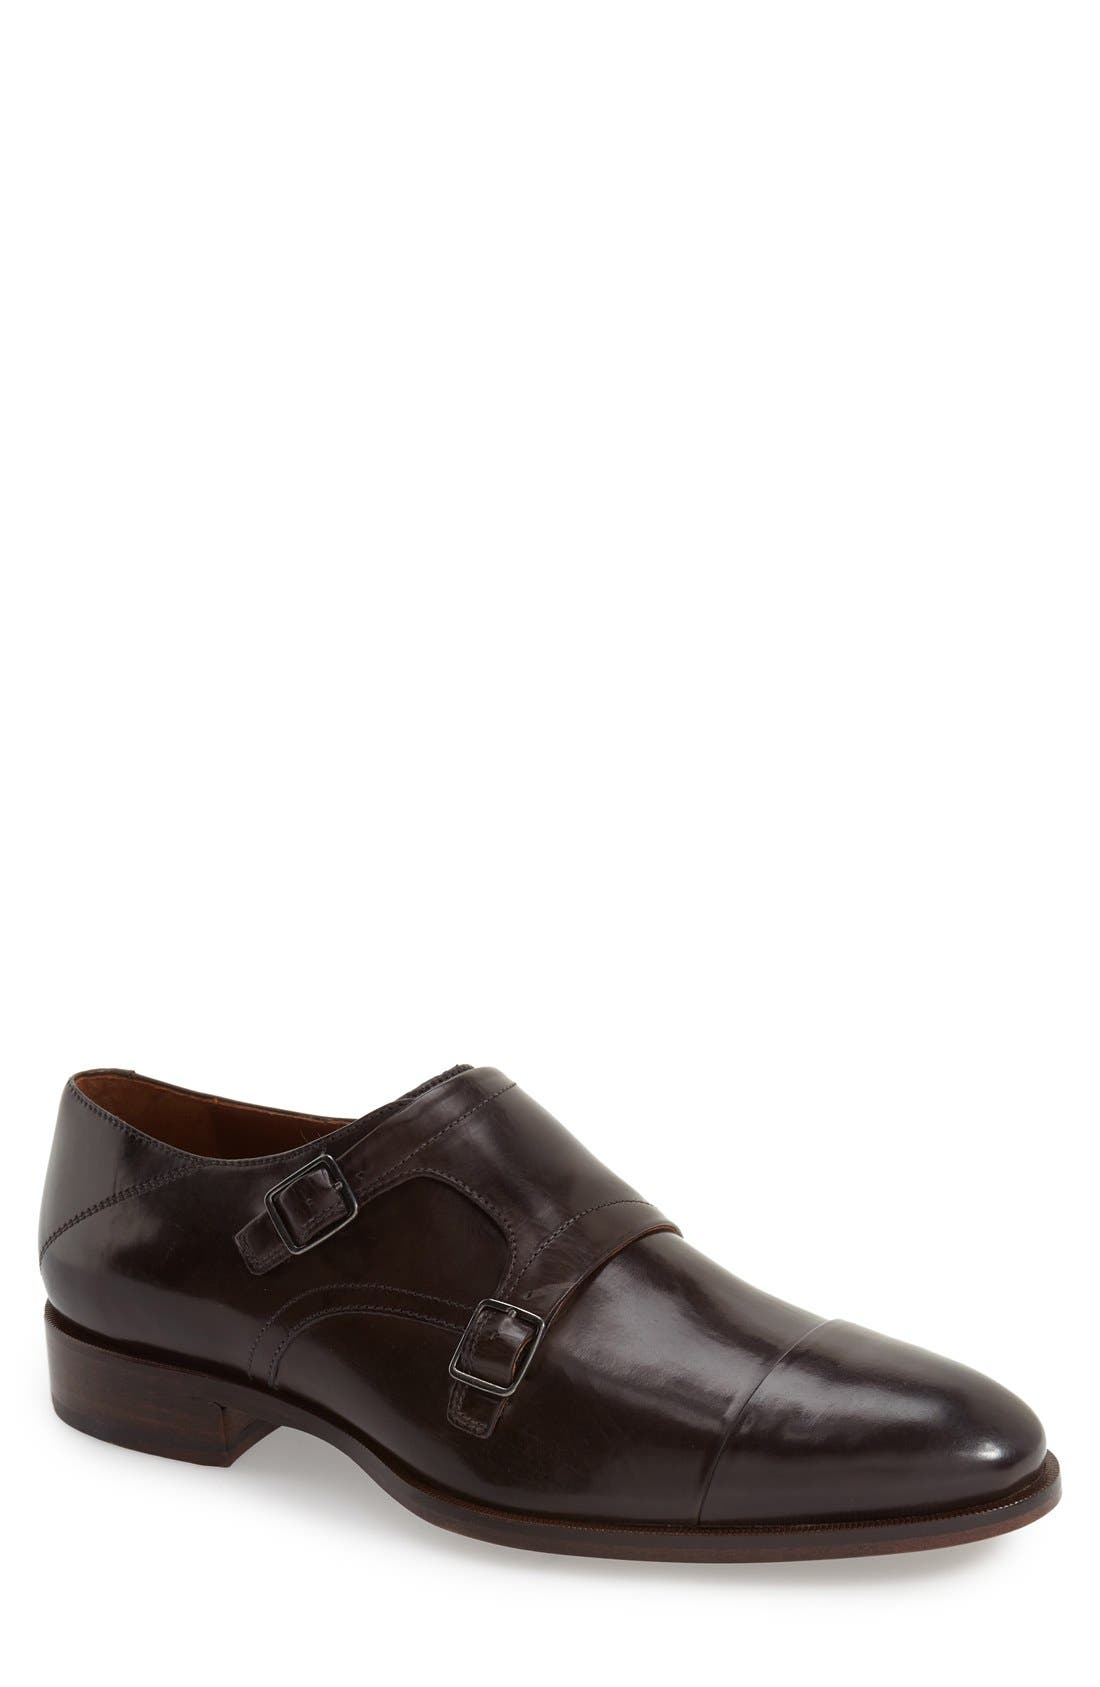 'Nolen' Double Monk Strap Shoe,                             Main thumbnail 1, color,                             020